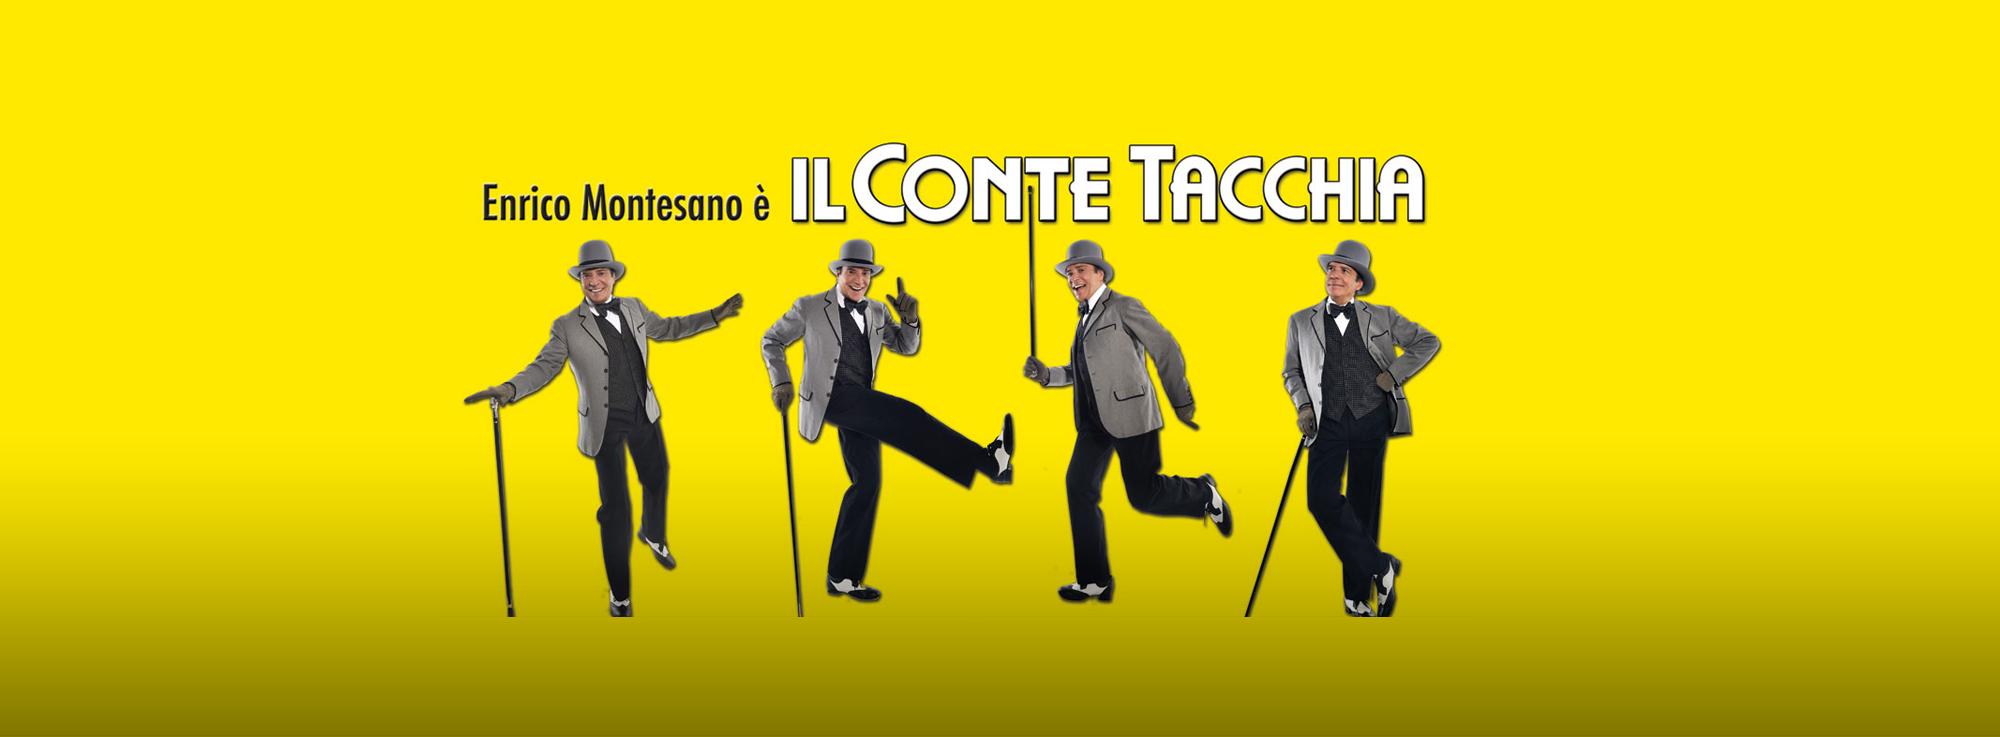 Bari: Il conte Tacchia